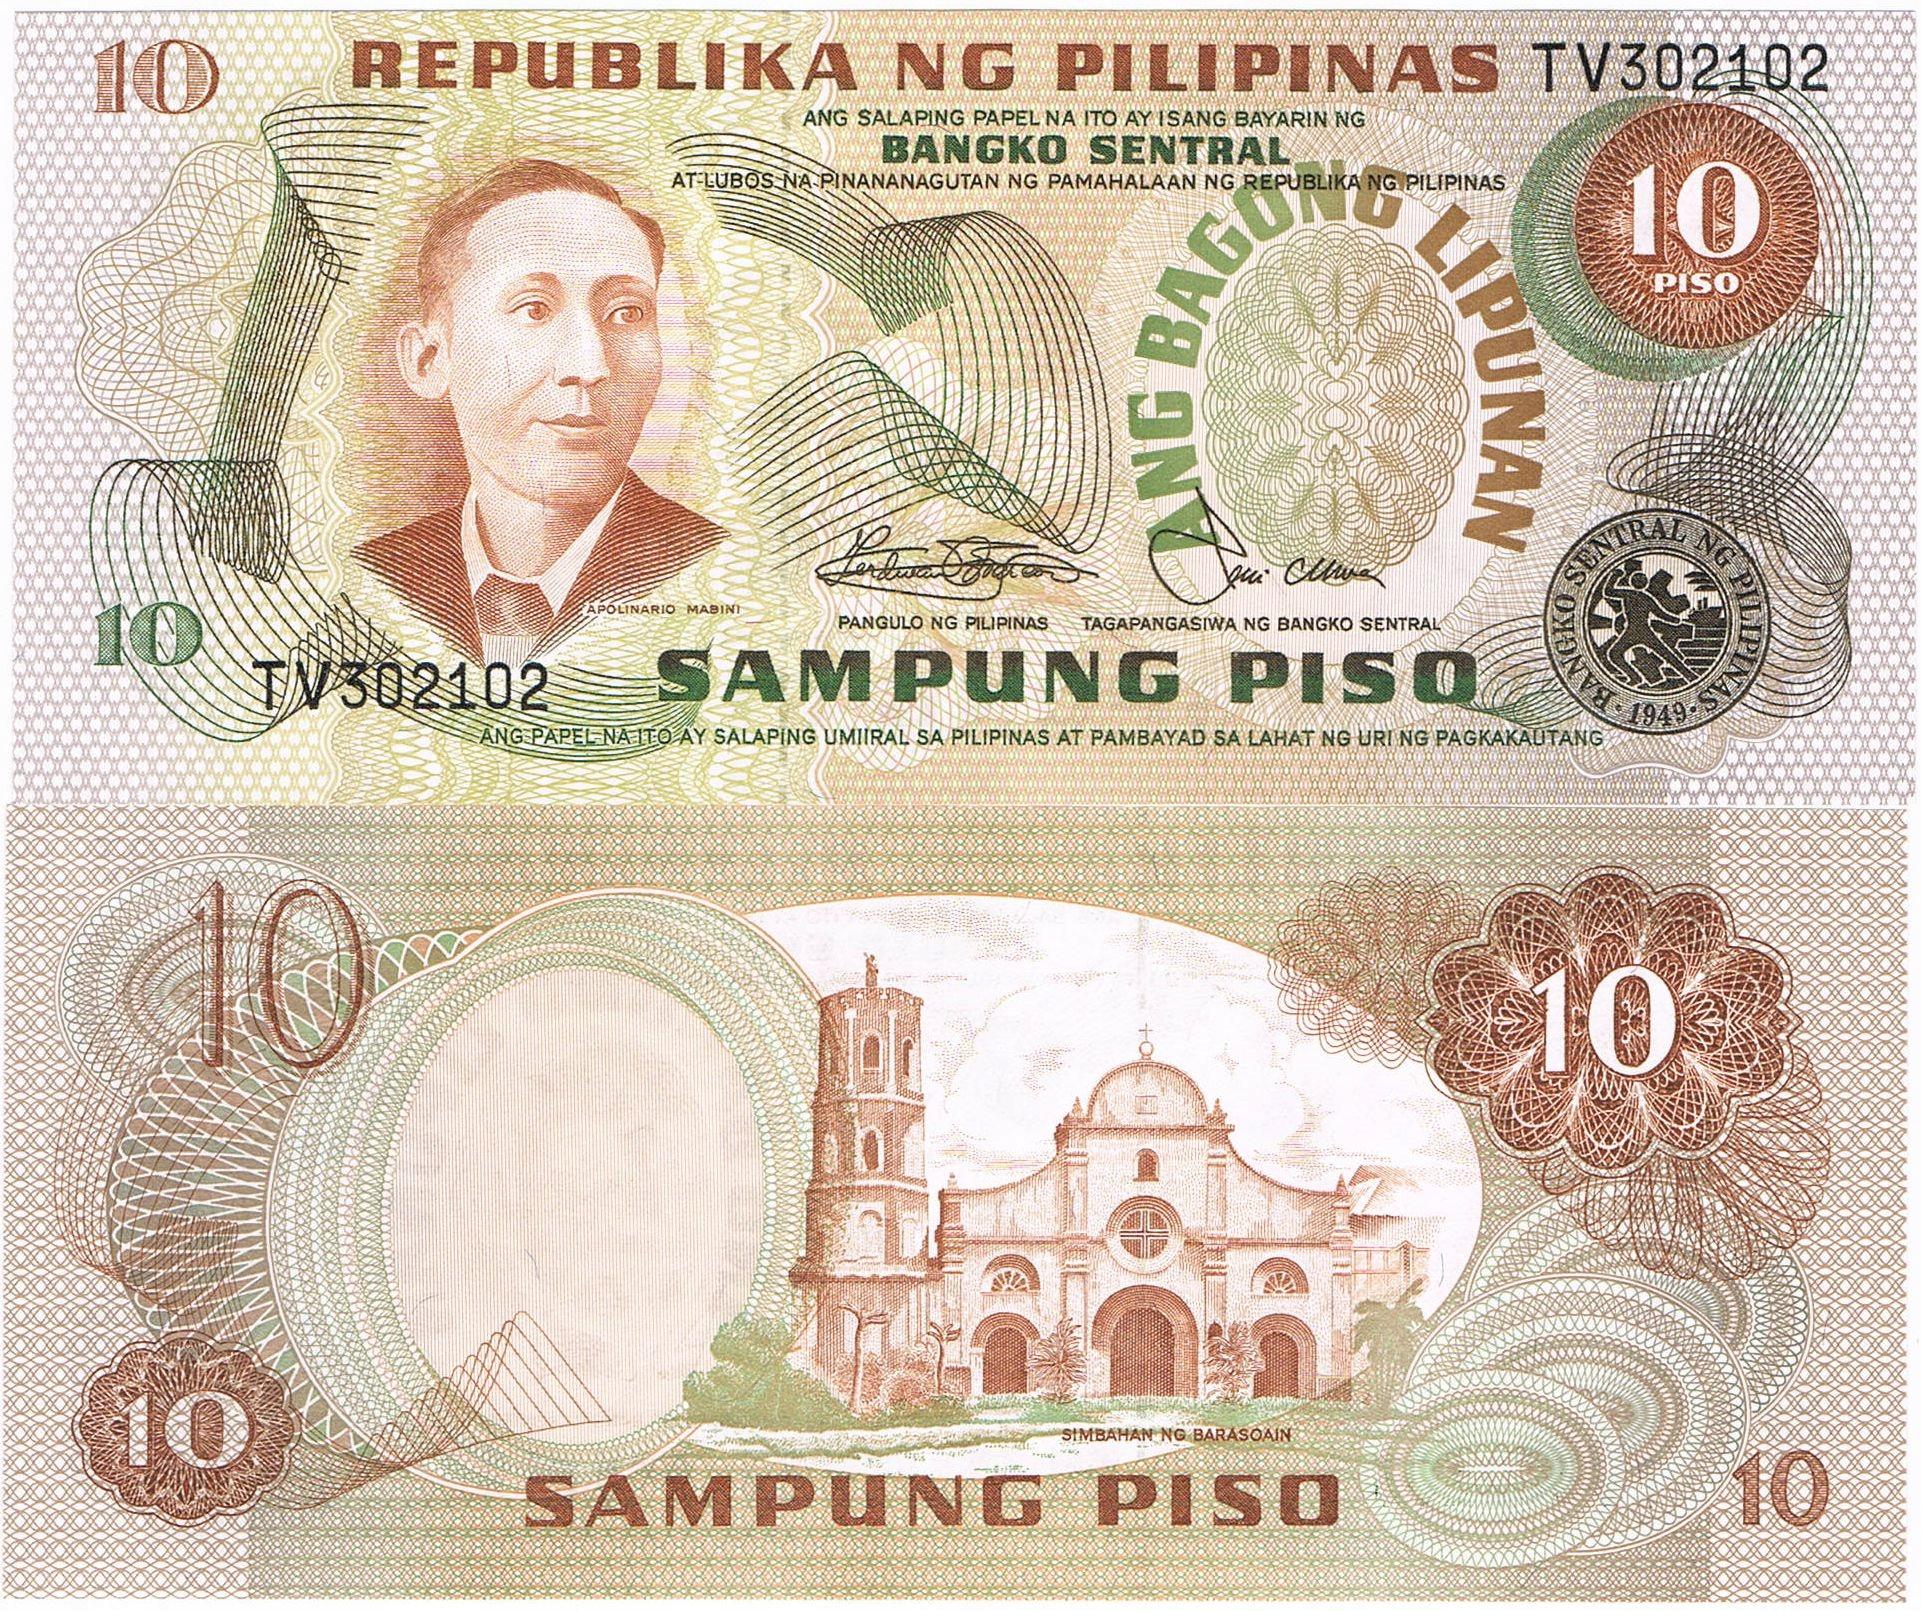 Банкнота достоинством 10 песо, Филиппины, английская серия P-161b UNC